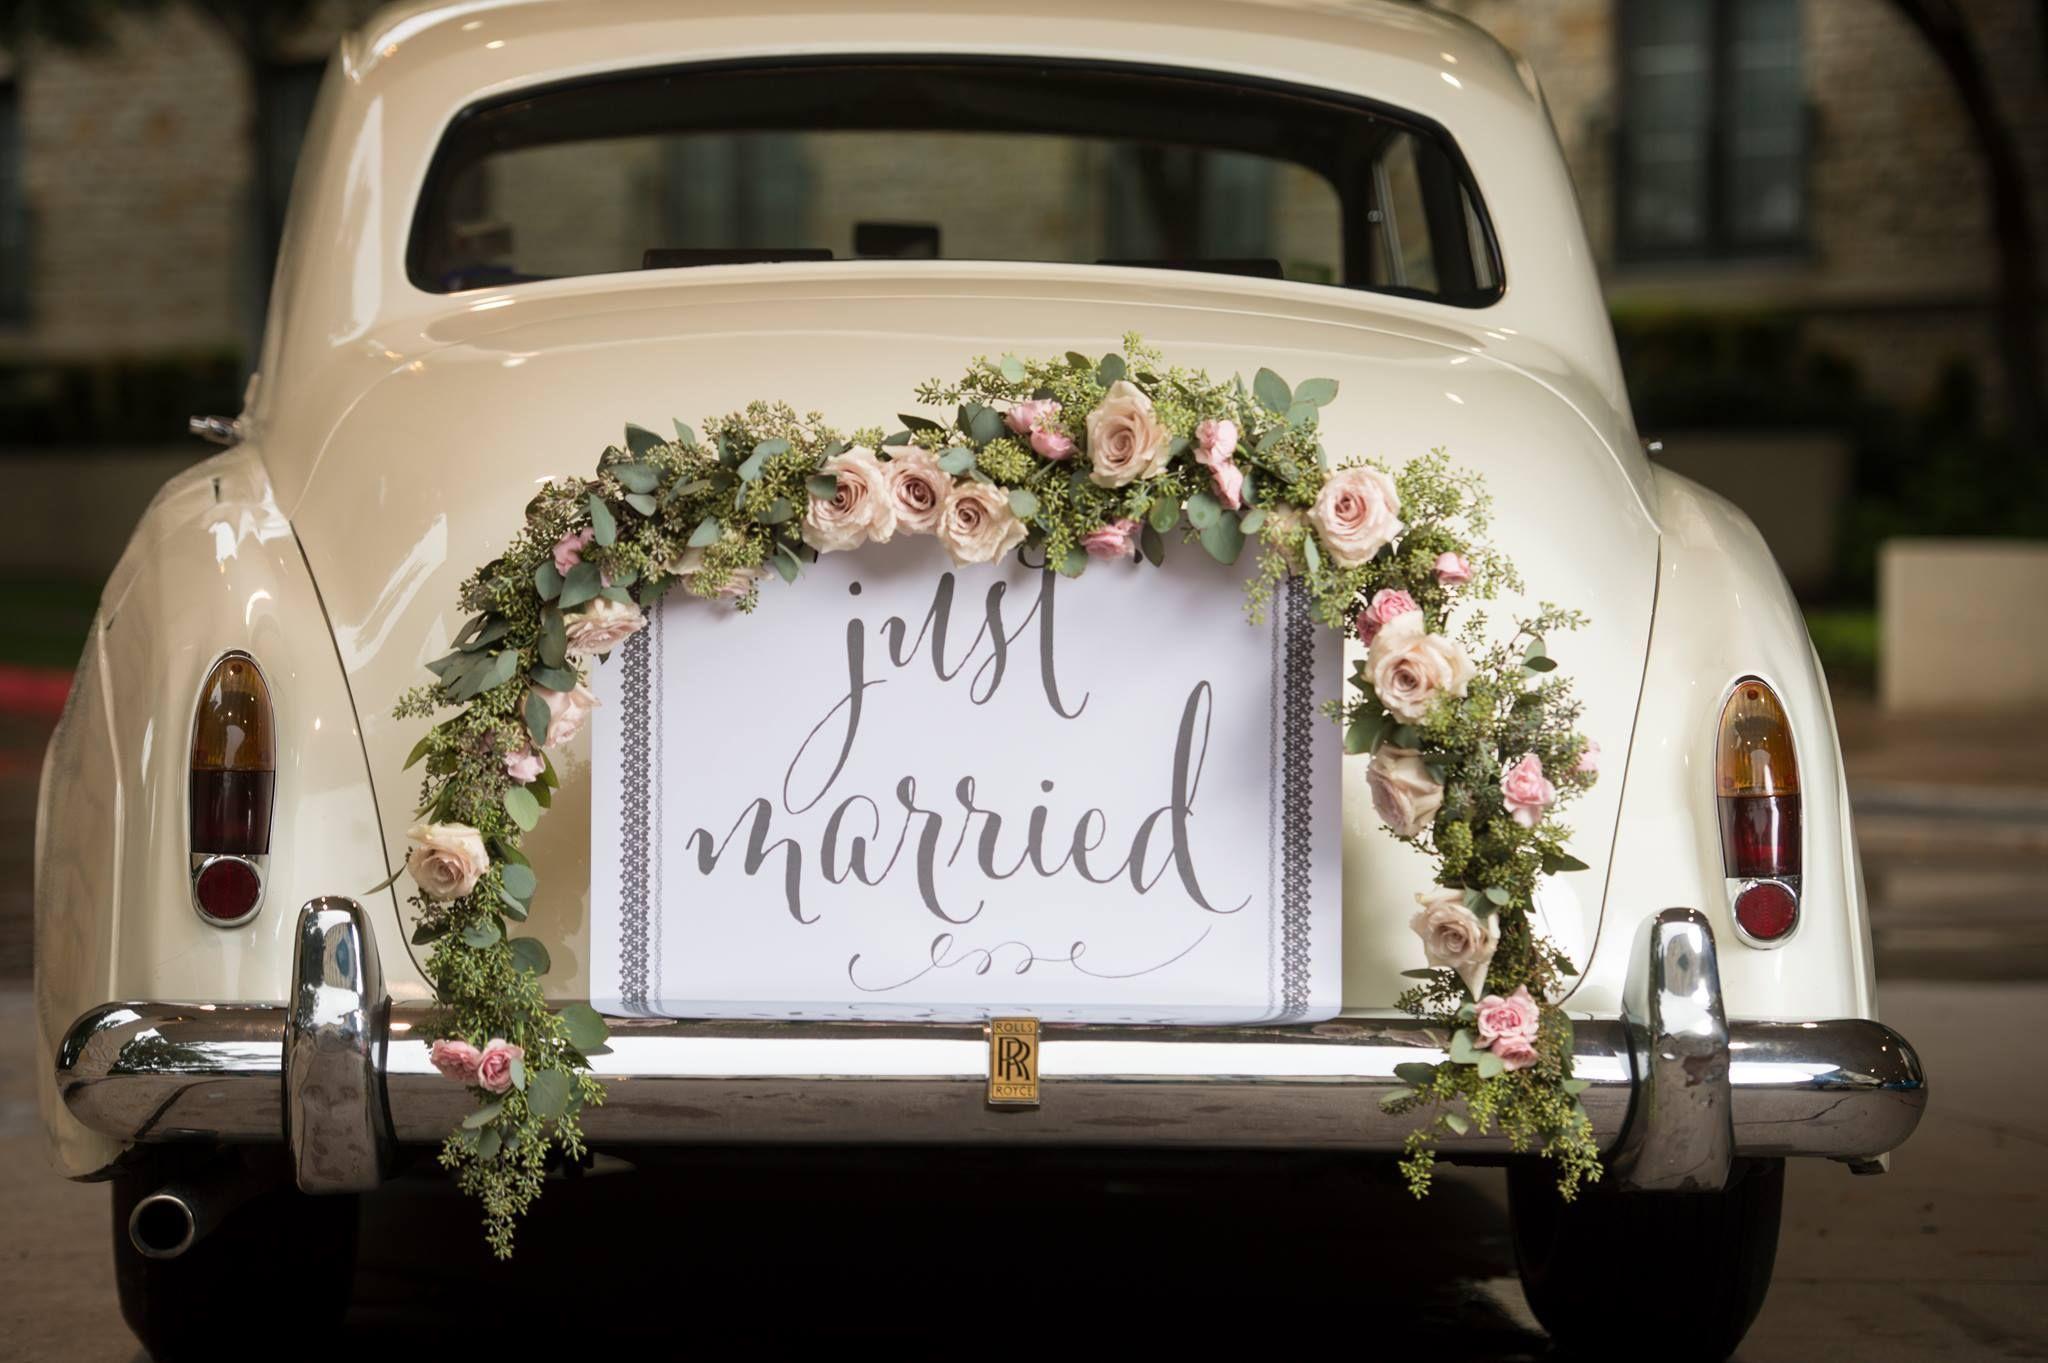 just married autoschmuckhochzeitringe married